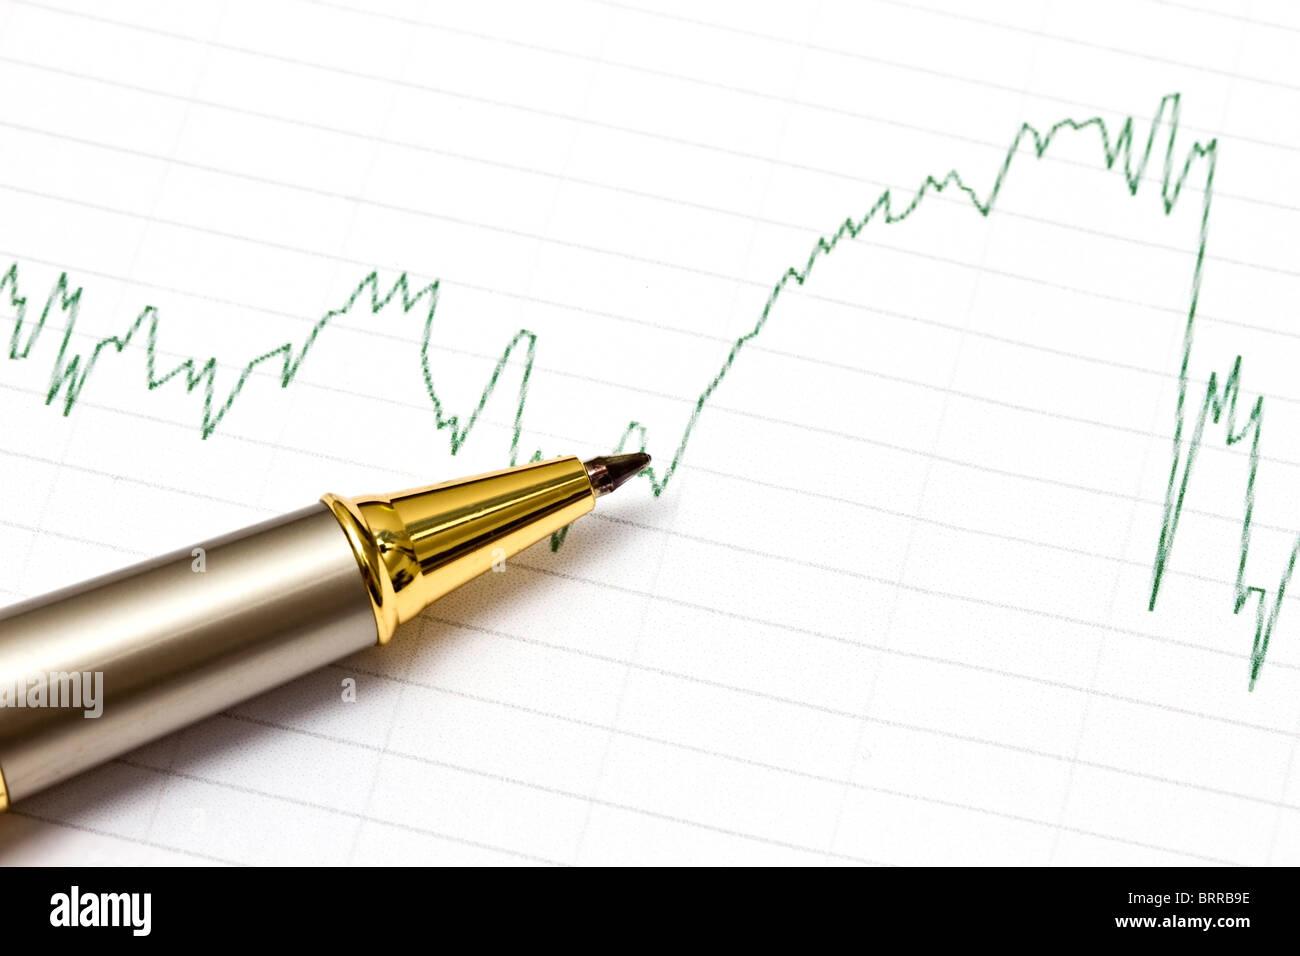 Sfondo del grafico di business e una penna Immagini Stock